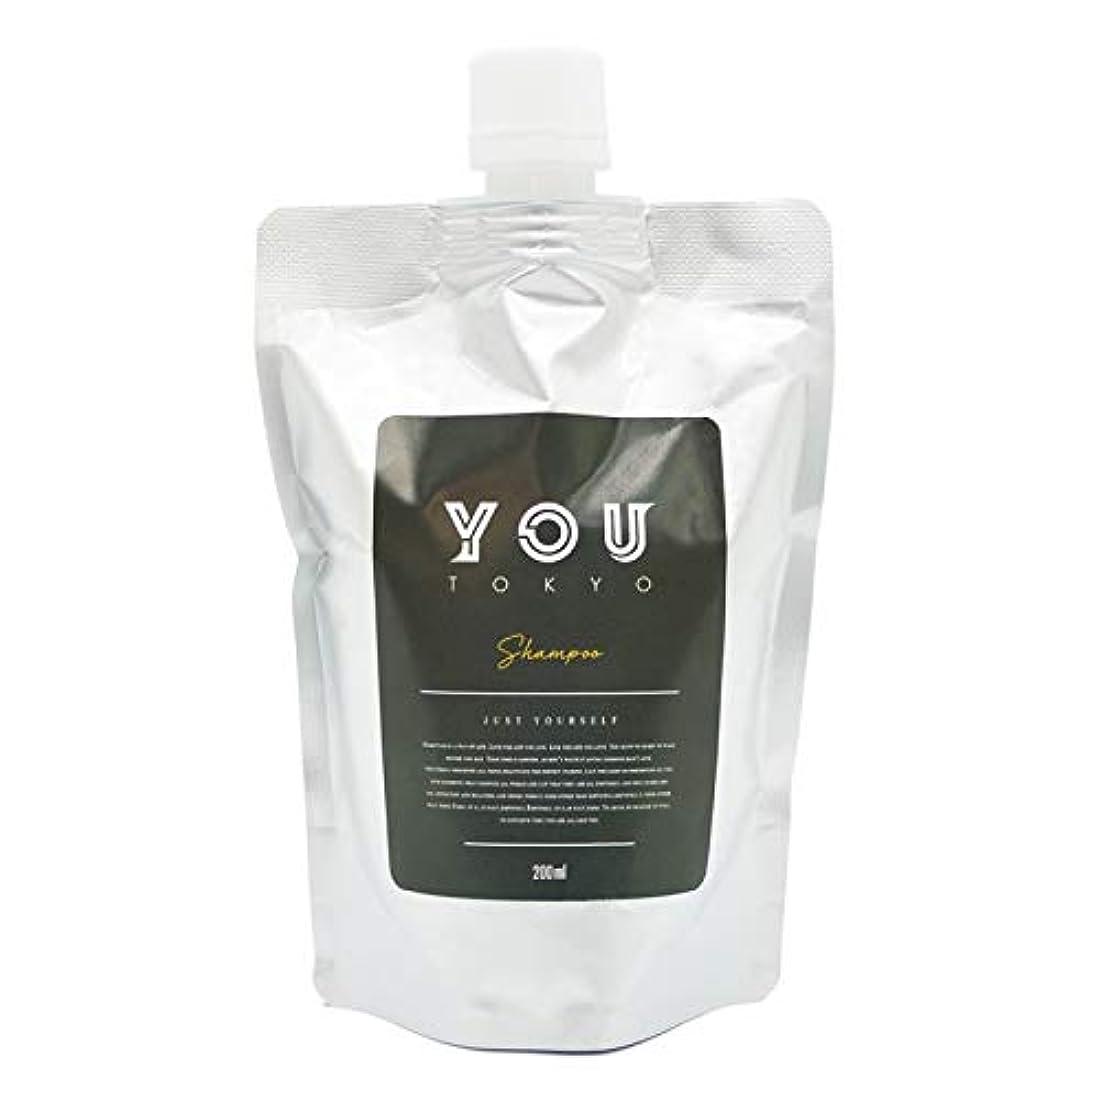 順応性のある限りなく繰り返すチリ毛 メンズ シャンプー トリートメント アミノ酸 洗浄 肌に潤い 保湿 YOU TOKYO(ユートーキョー)ボトル 500ml 詰め替え 1000ml (シャンプー パウチ 200ml)